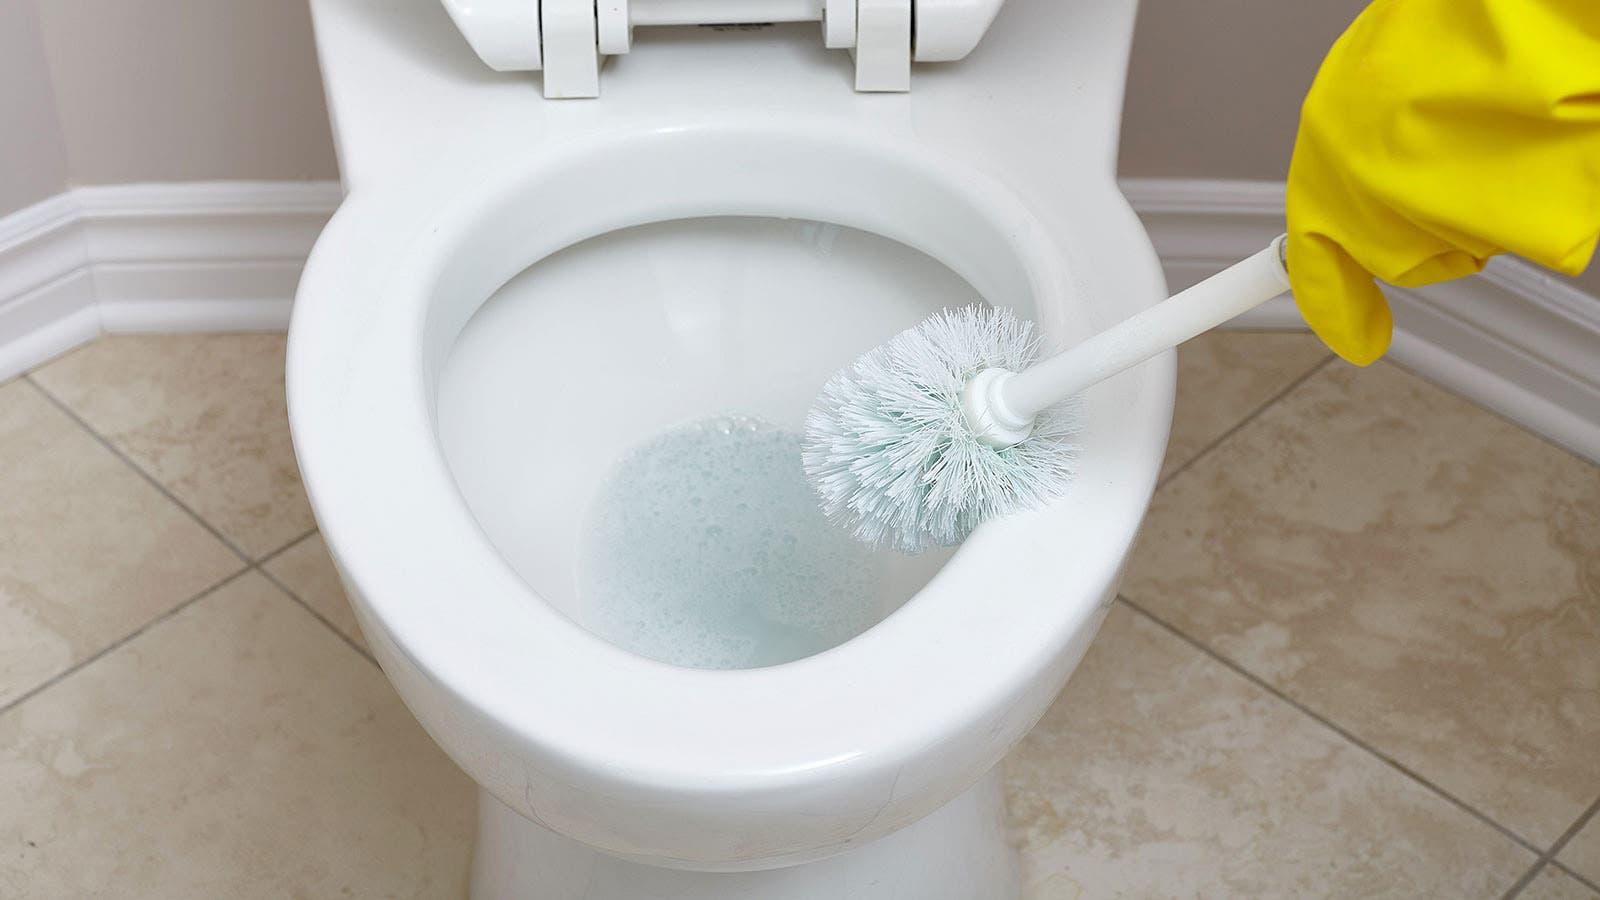 nettoyer toilette